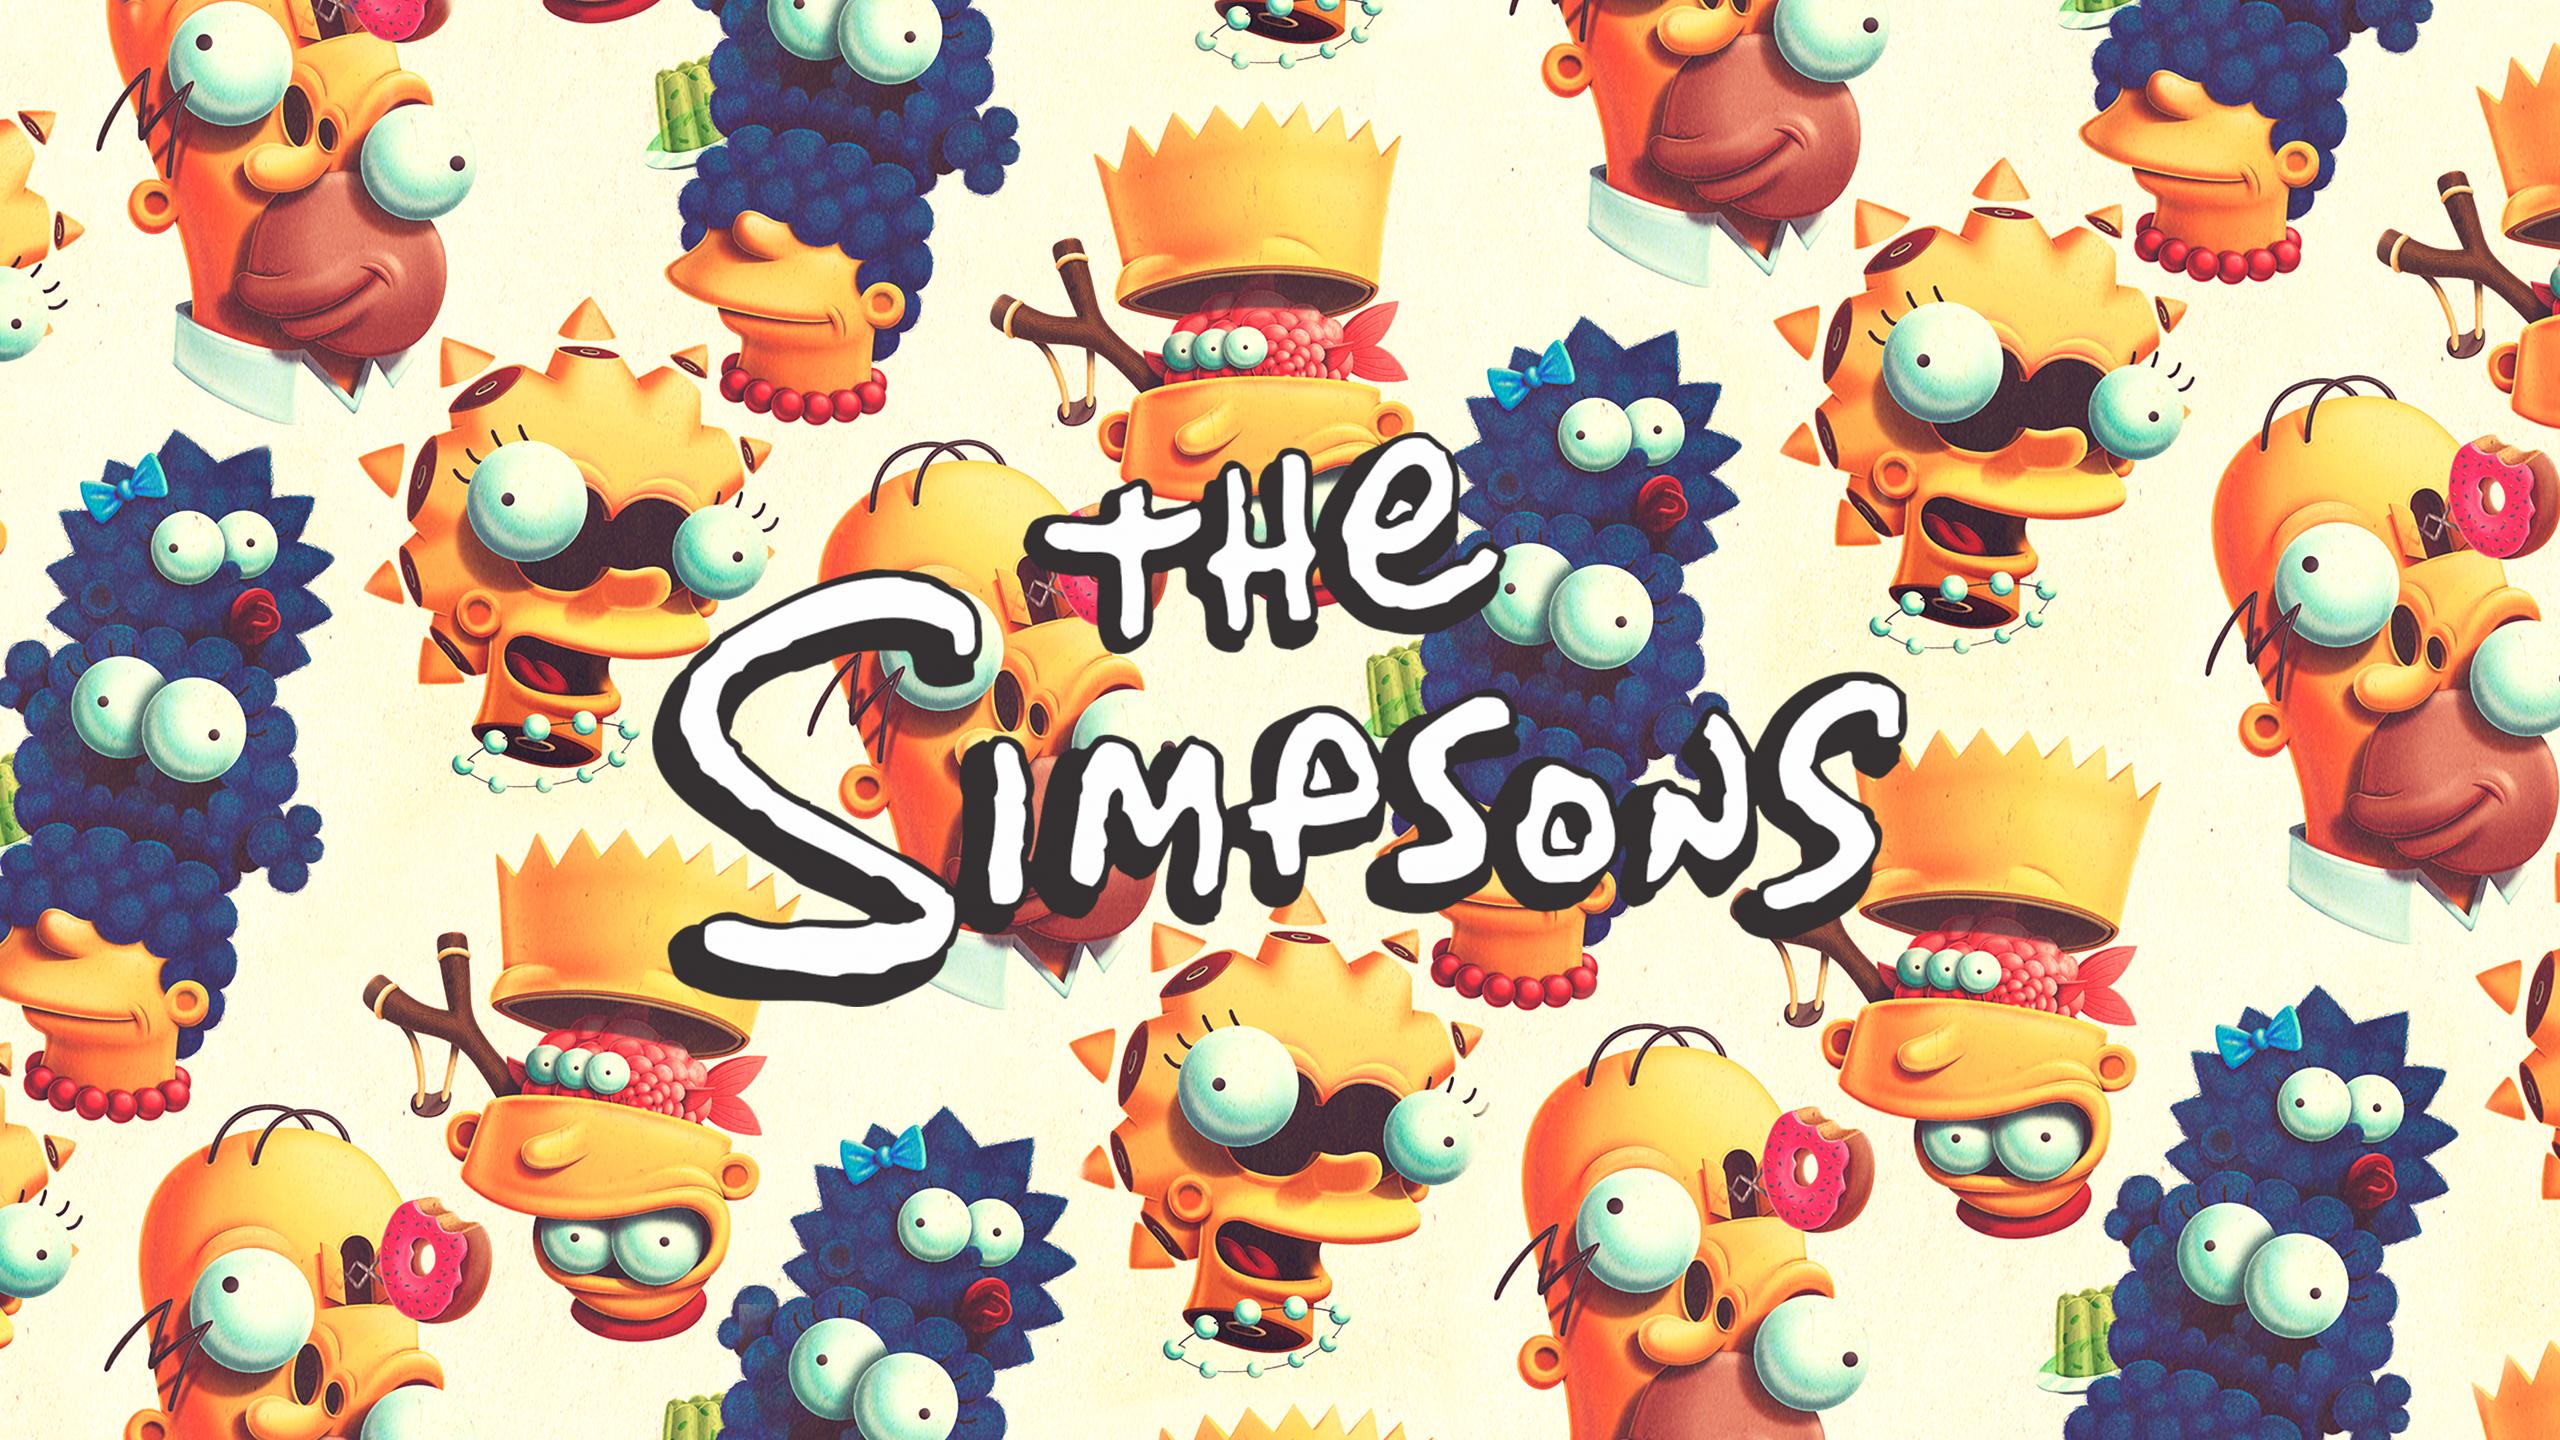 Juan Carlos Paz BAKEA The Simpsons Fan Art Marge Simpson Homer Simpson Lisa Simpson Maggie Simpson B 2560x1440